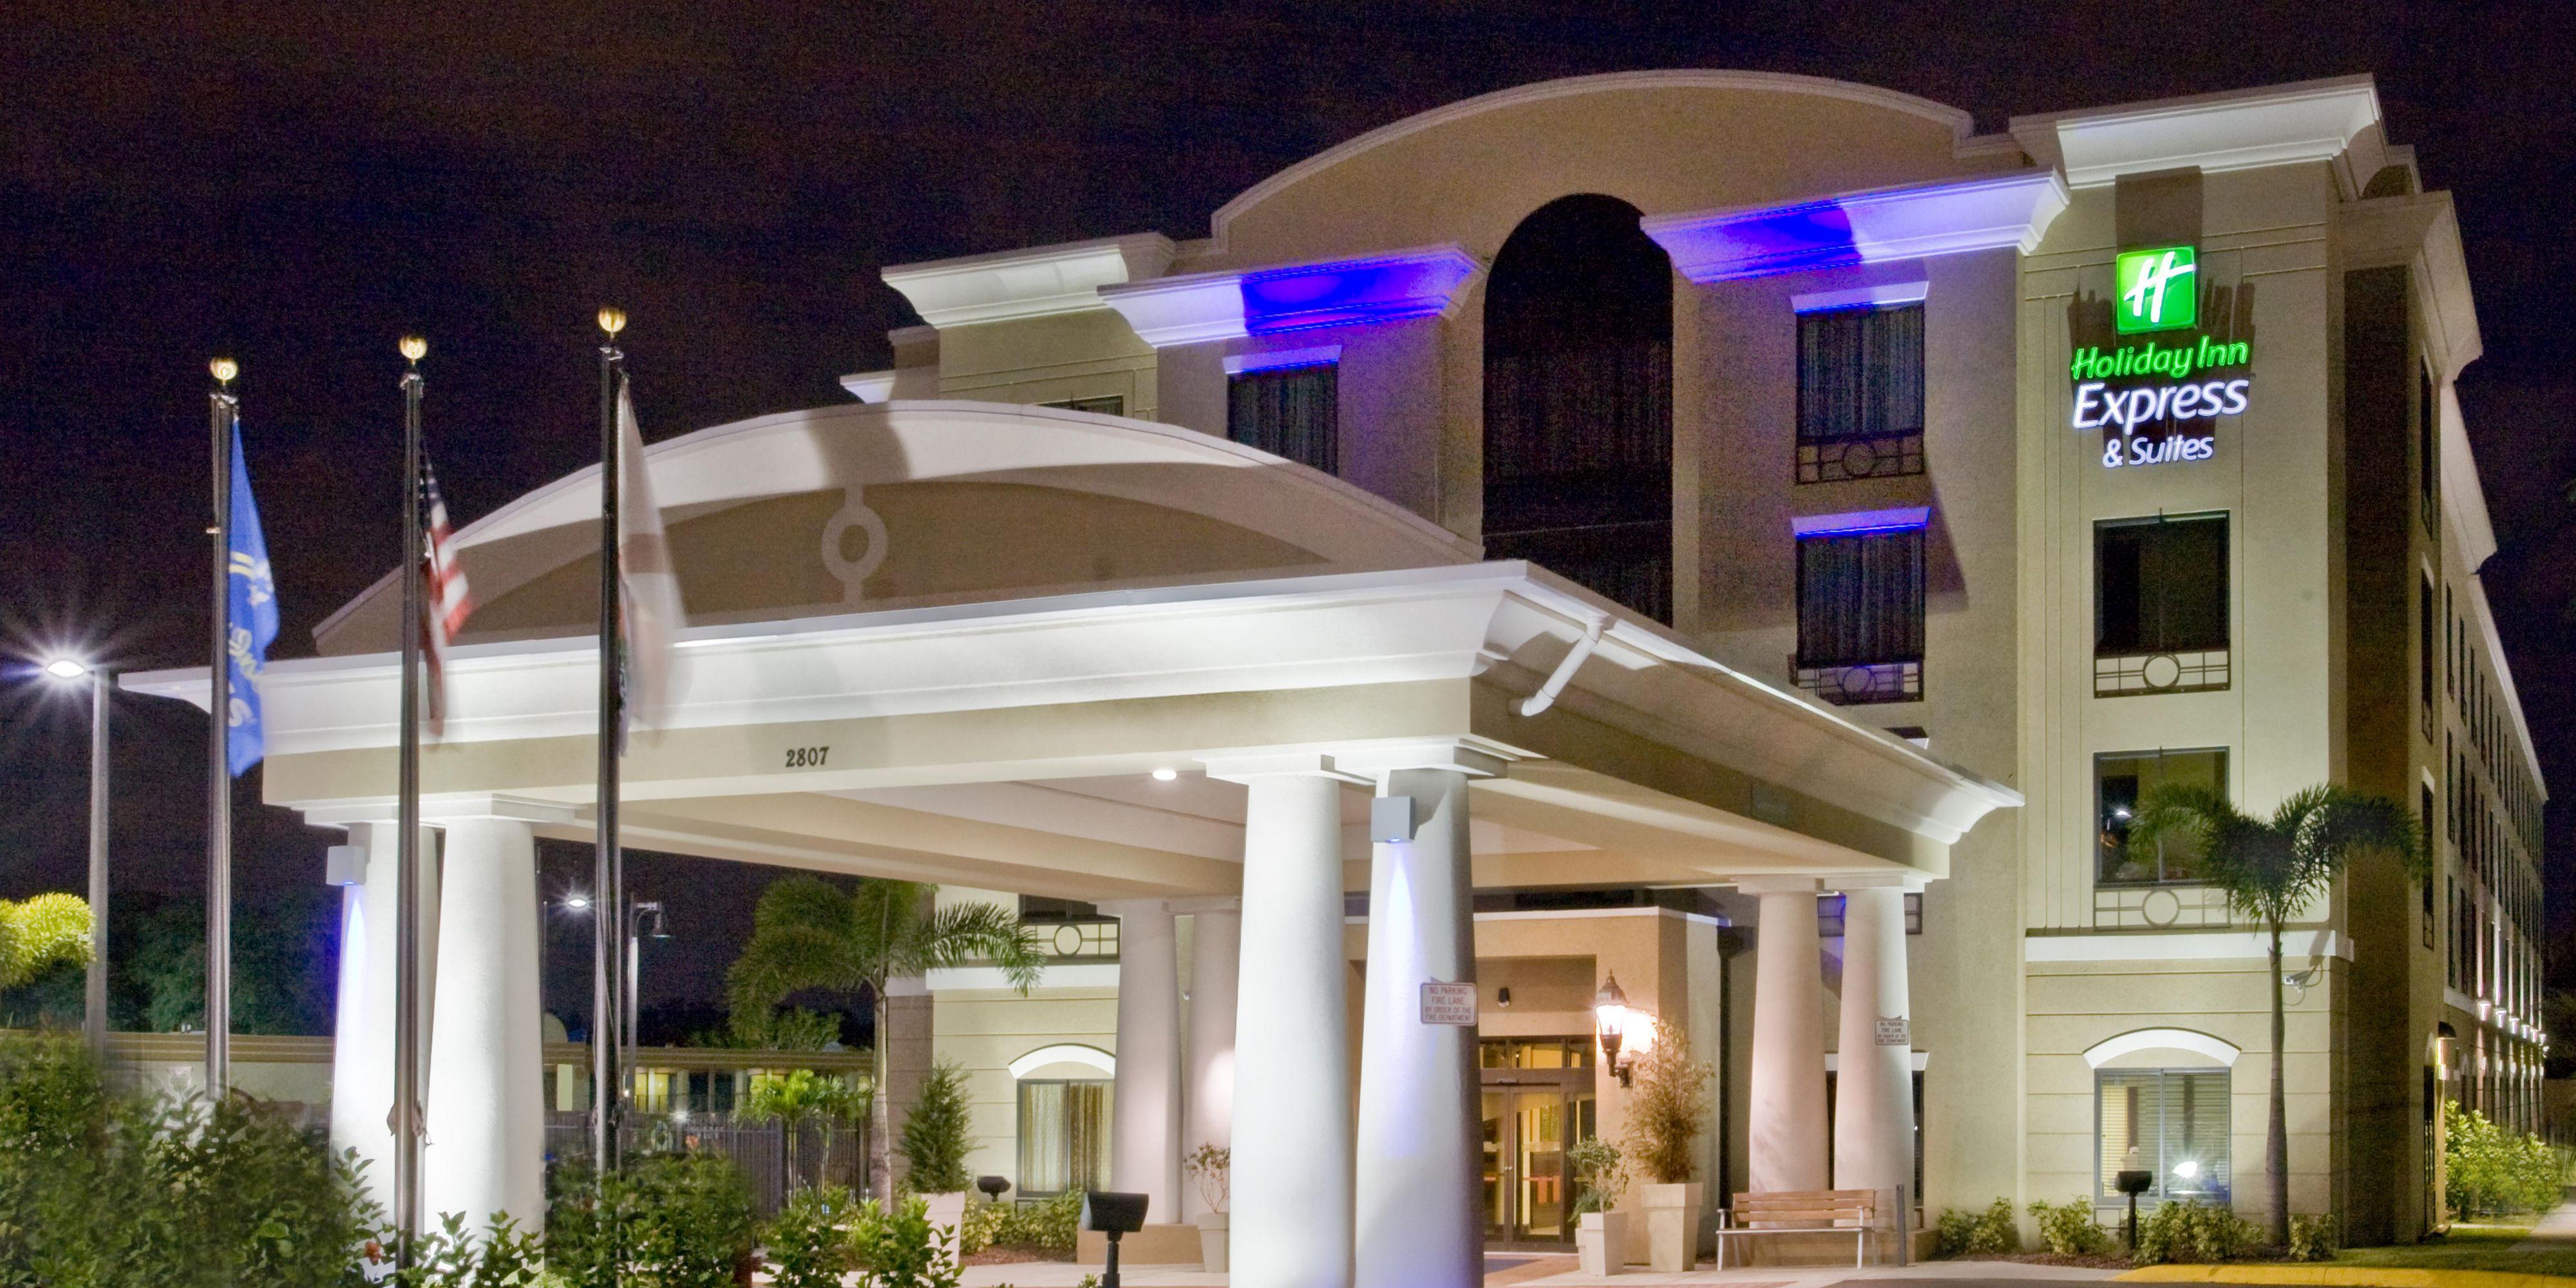 Busch Gardens Hotel